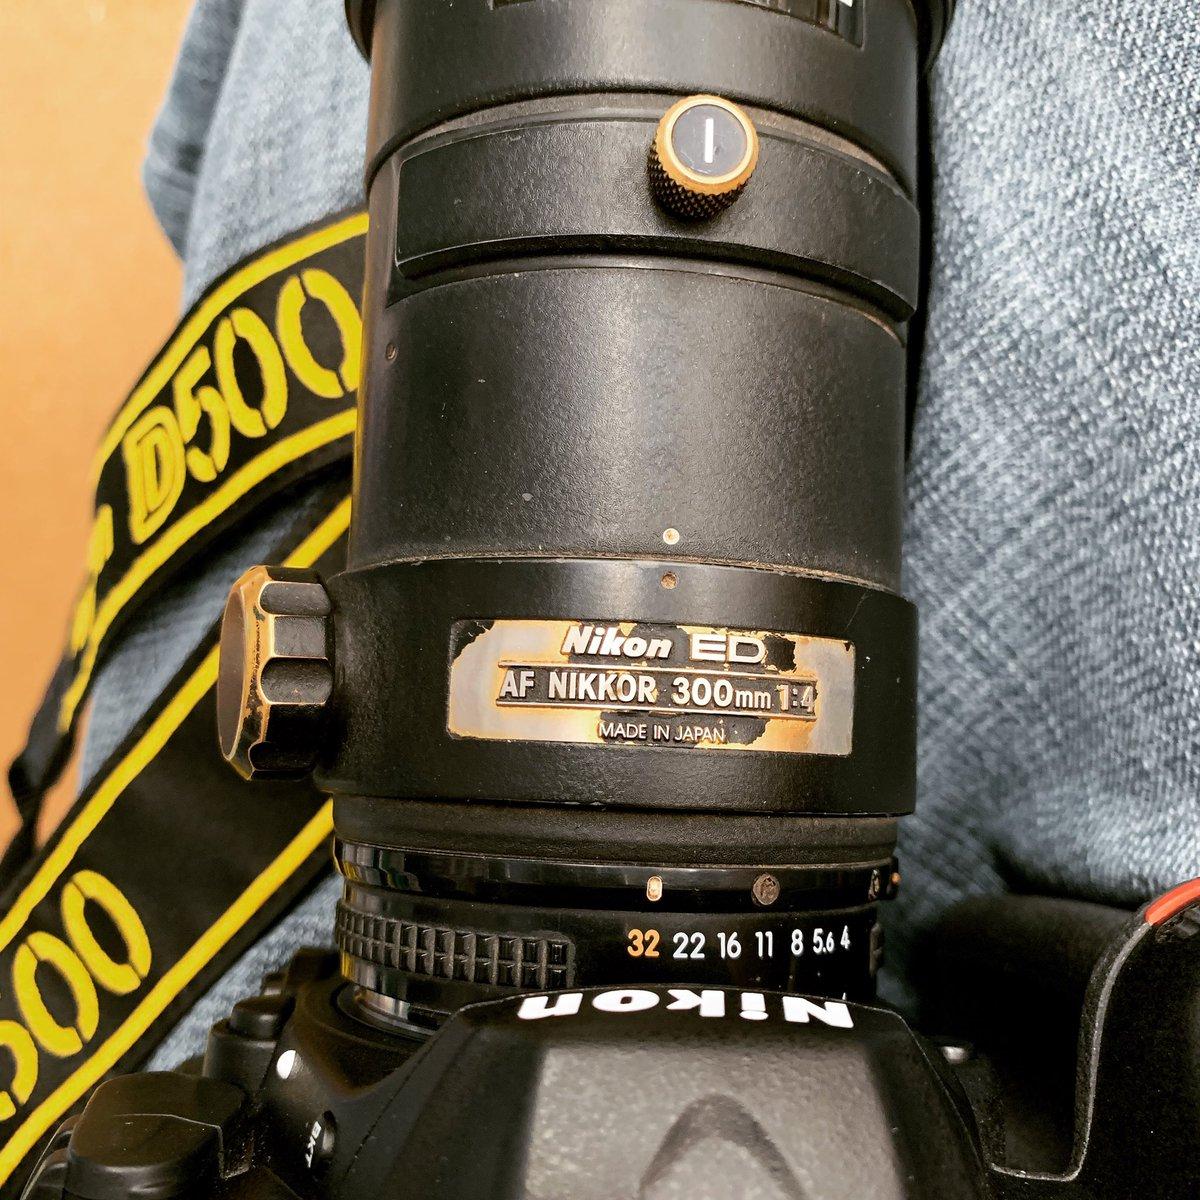 Vamos a probar el AF NIKKOR 300mm f/4 a ver qué tal   #nikon #nikonmx #300mmf4 @NikonistasMx https://t.co/fyP4QS0Bmt